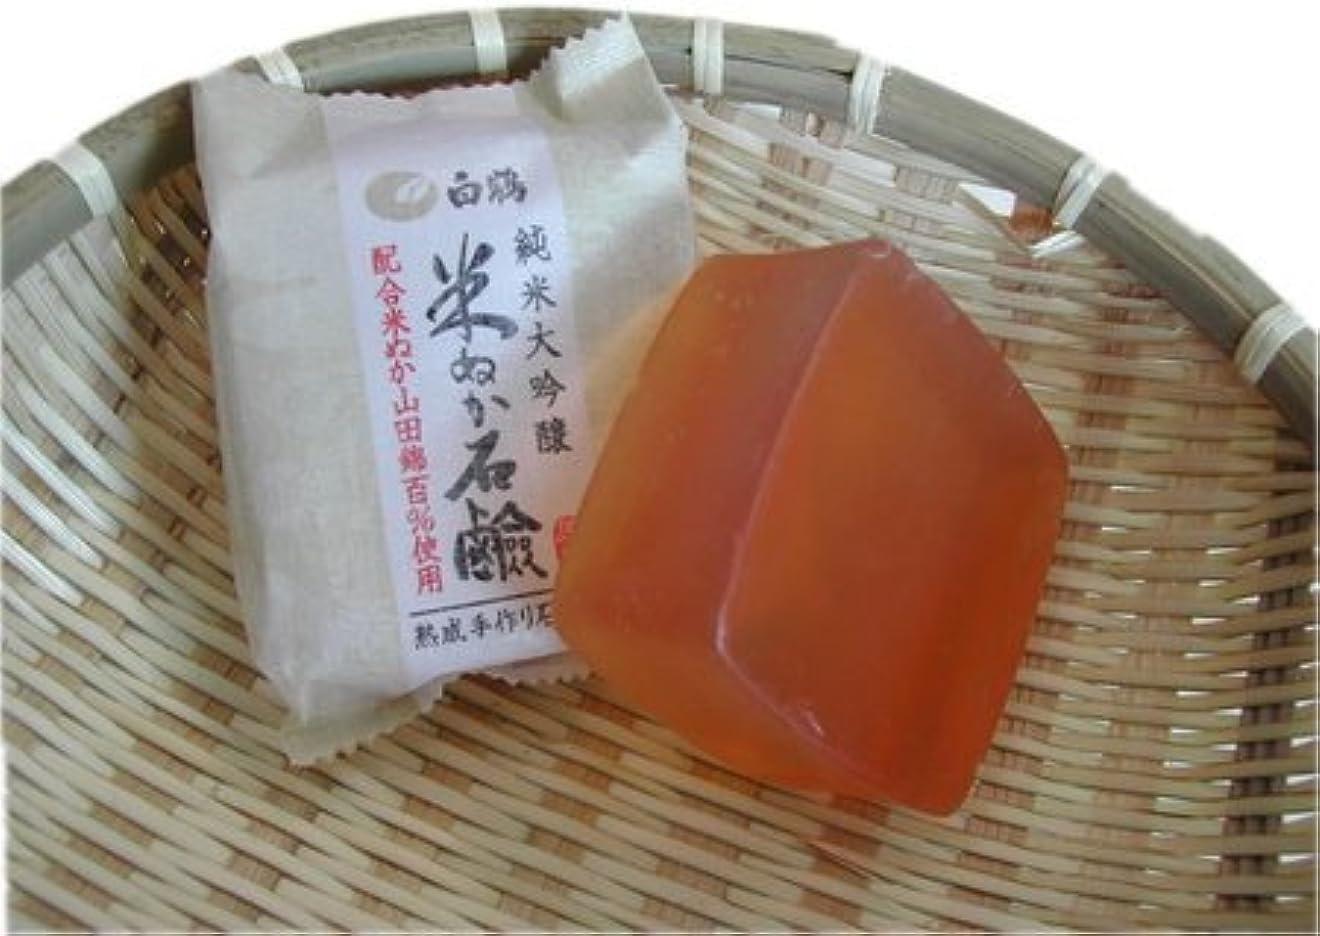 サスペンション前売写真の白鶴 純米大吟醸 米ぬか石鹸★熟成手作り石けん (バラ1個)